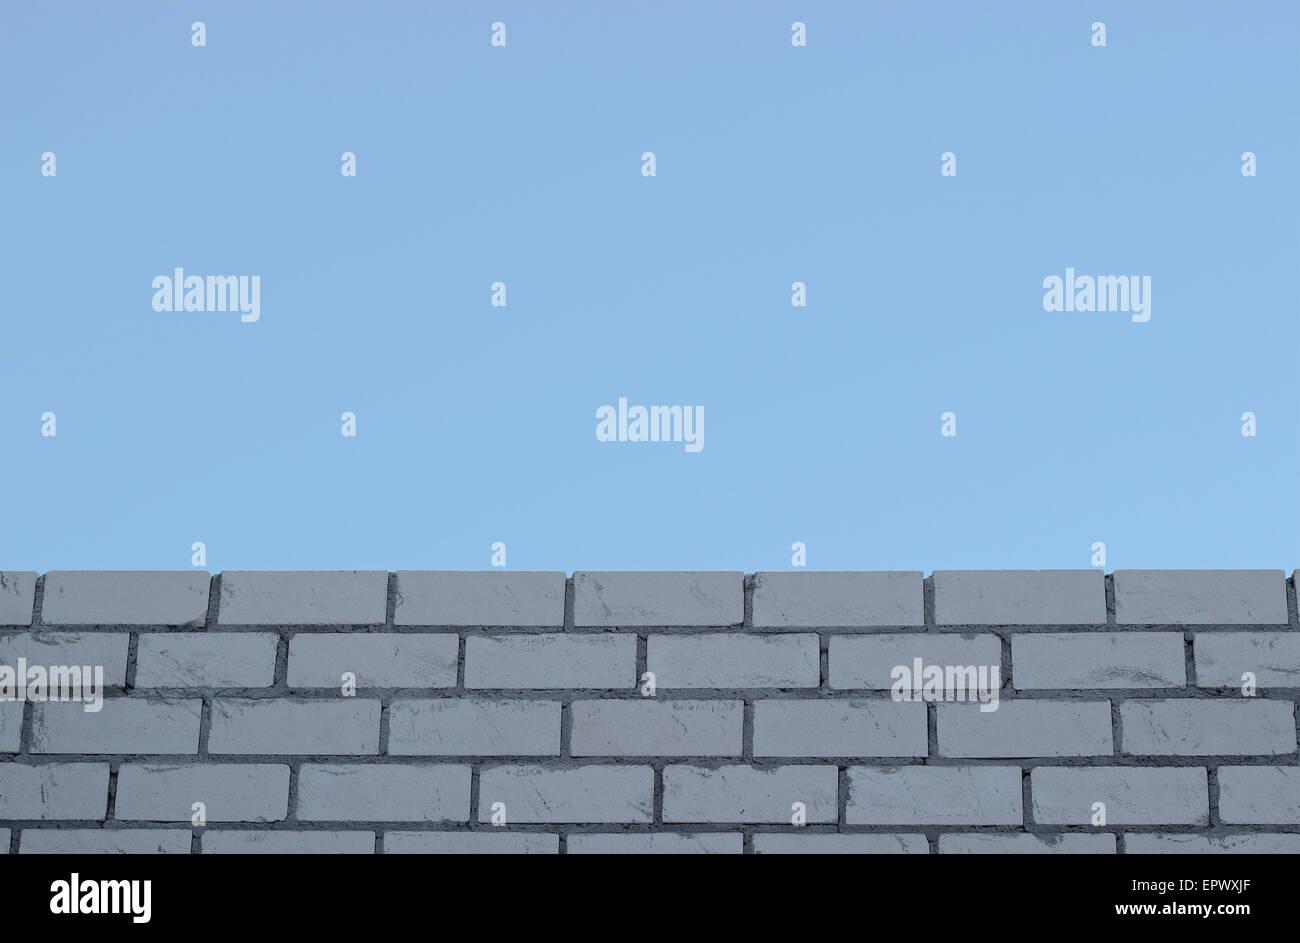 La textura de una pared de ladrillo blanco el cielo azul fondos Imagen De Stock